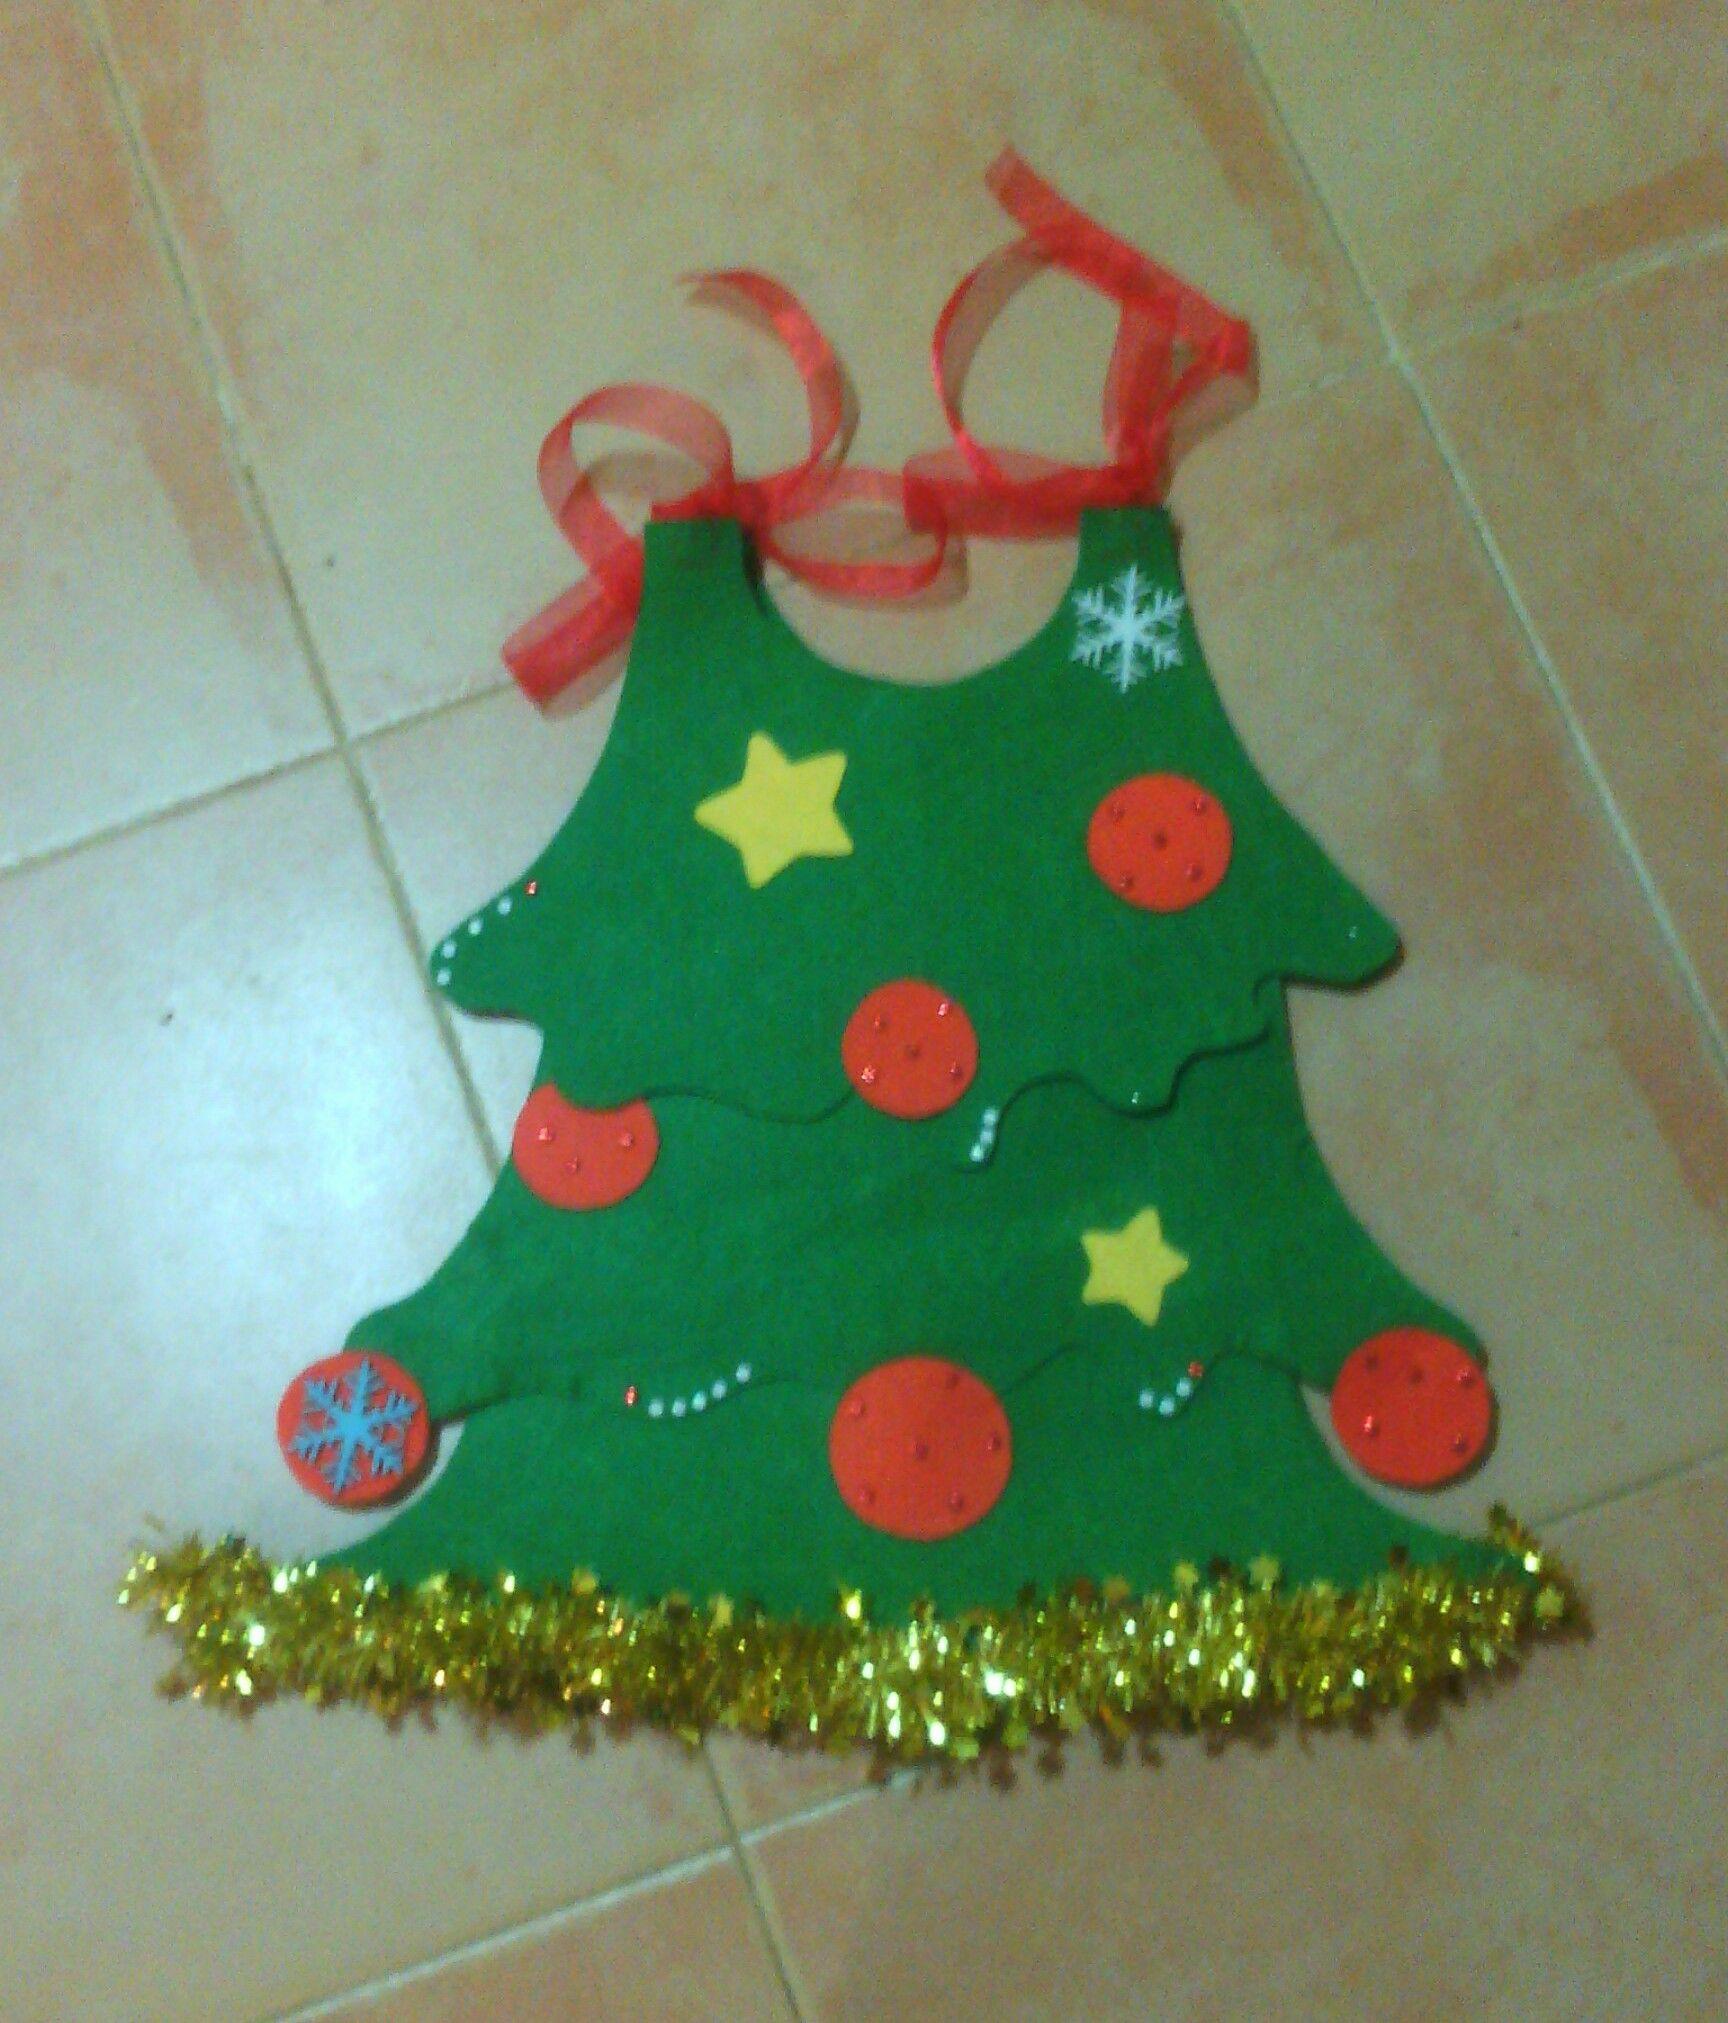 Disfraz De árbol De Navidad Para Niño De 2 A 7 Años Disfraz De árbol De Navidad Disfraces Navidad Niños Disfraz Arbol